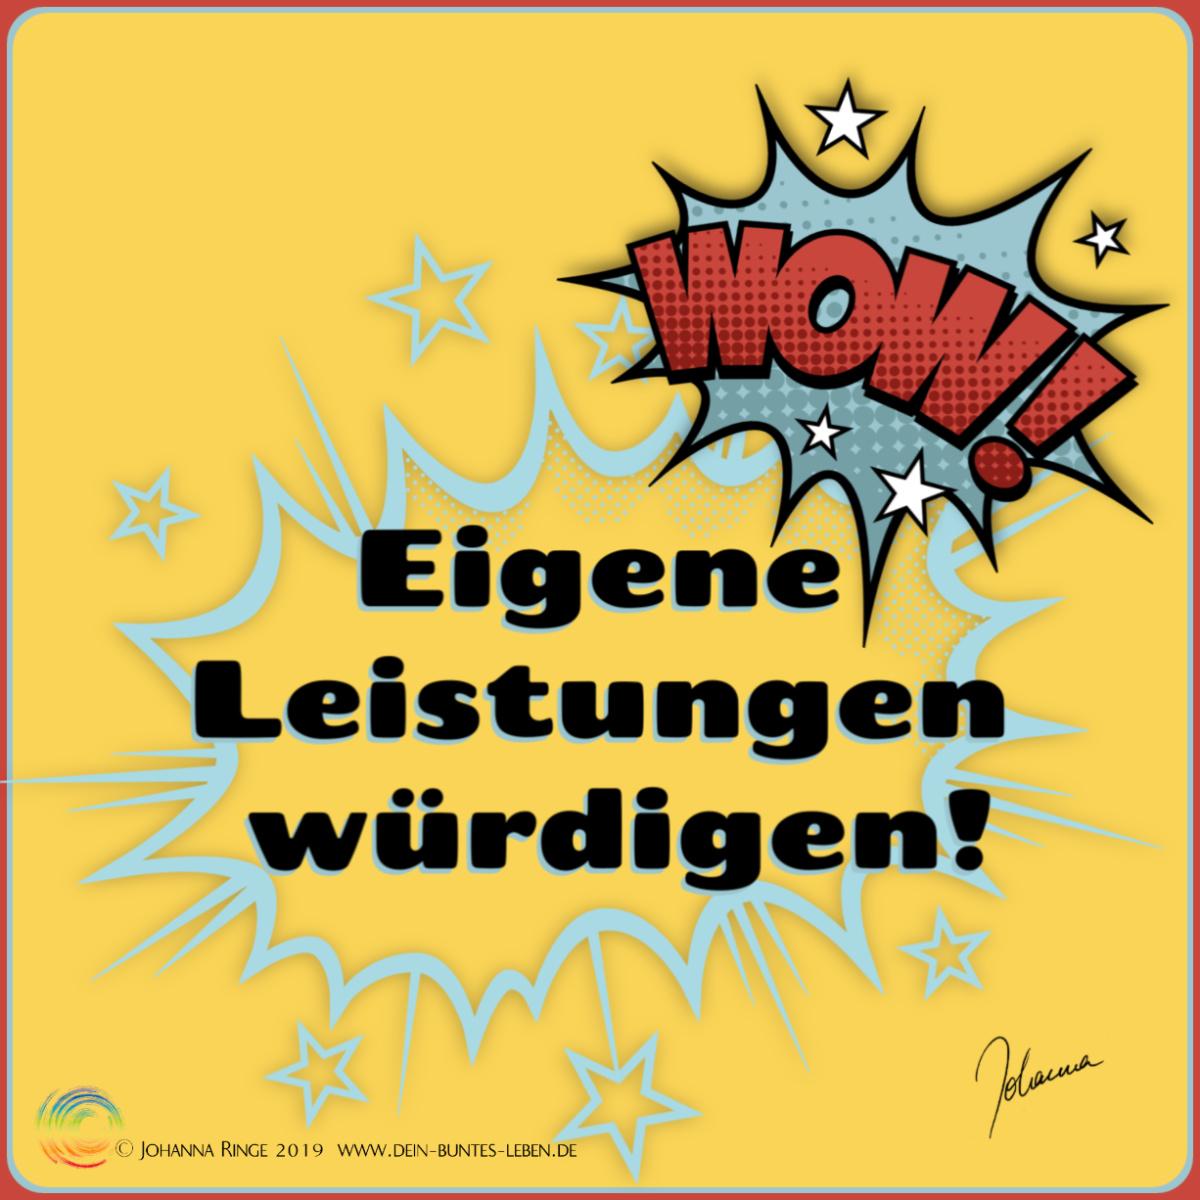 Eigene Leistungen würdigen! (Text vor Comicexplosion und Wow!) ©2019 Johanna Ringe www.dein-buntes-leben.de